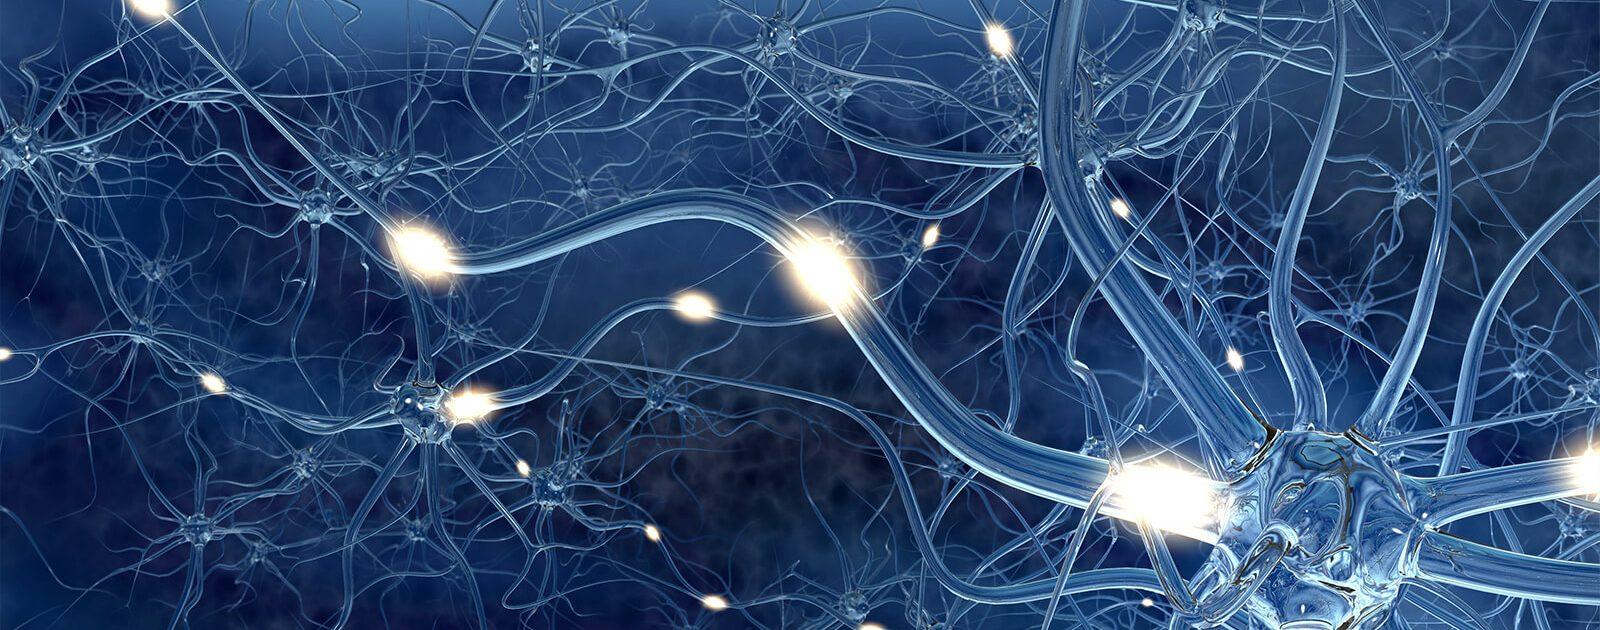 Darstellung einer Nervenzelle mit vergrößerter Synapse und vergrößertem Ausschnitt des Axons